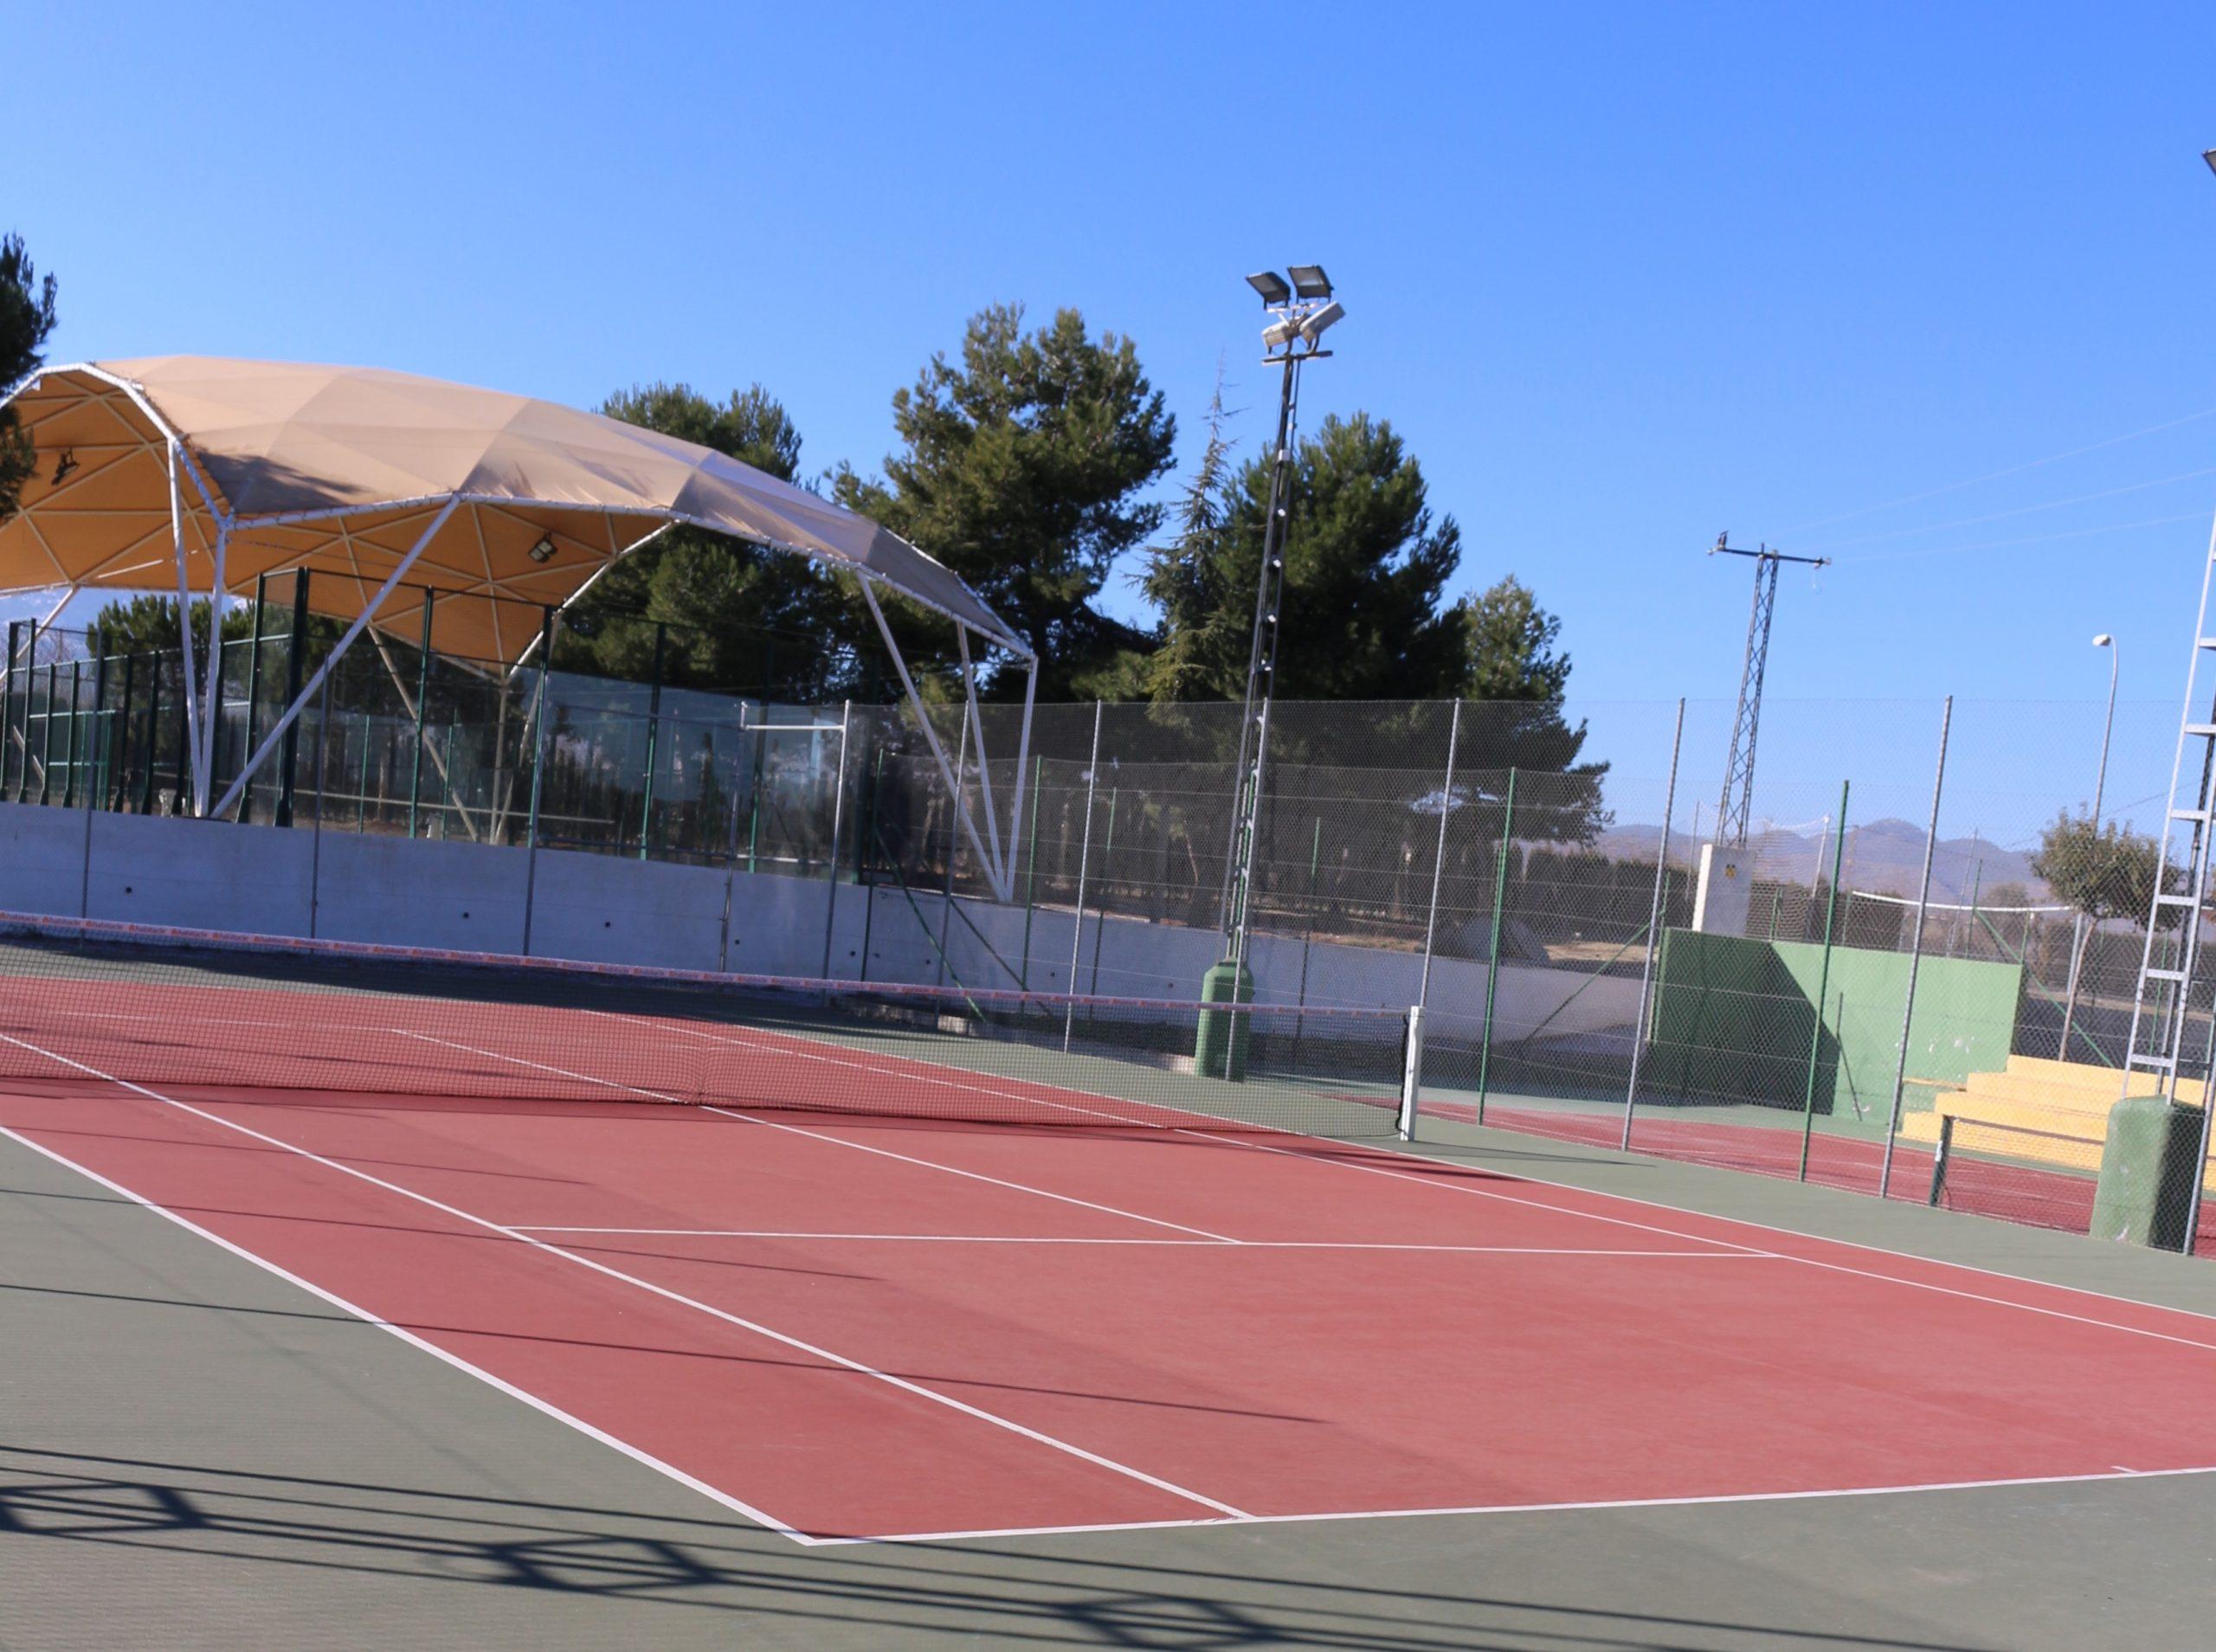 Pista de tenis 3